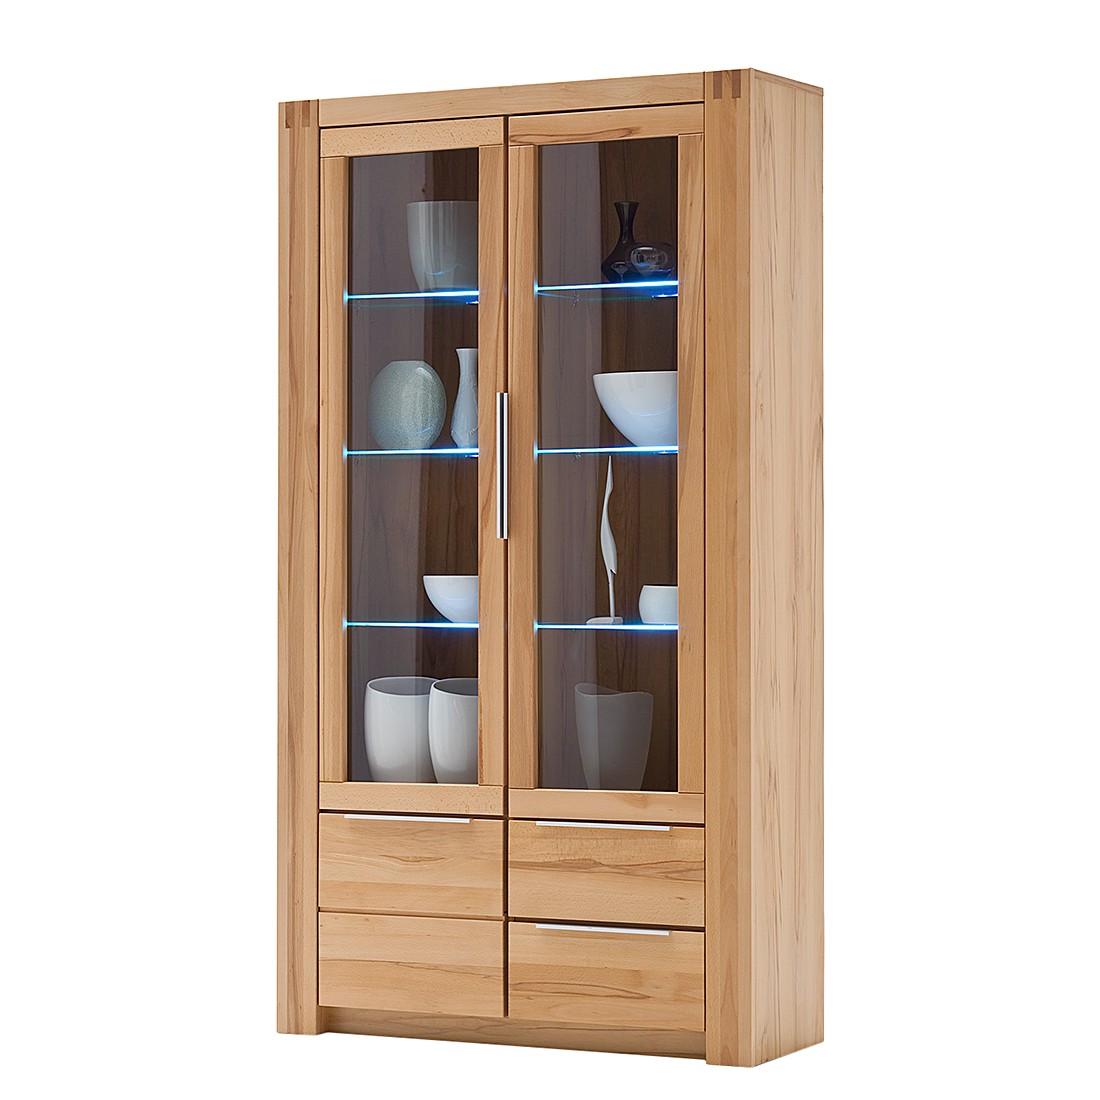 standvitrinen online kaufen m bel suchmaschine. Black Bedroom Furniture Sets. Home Design Ideas